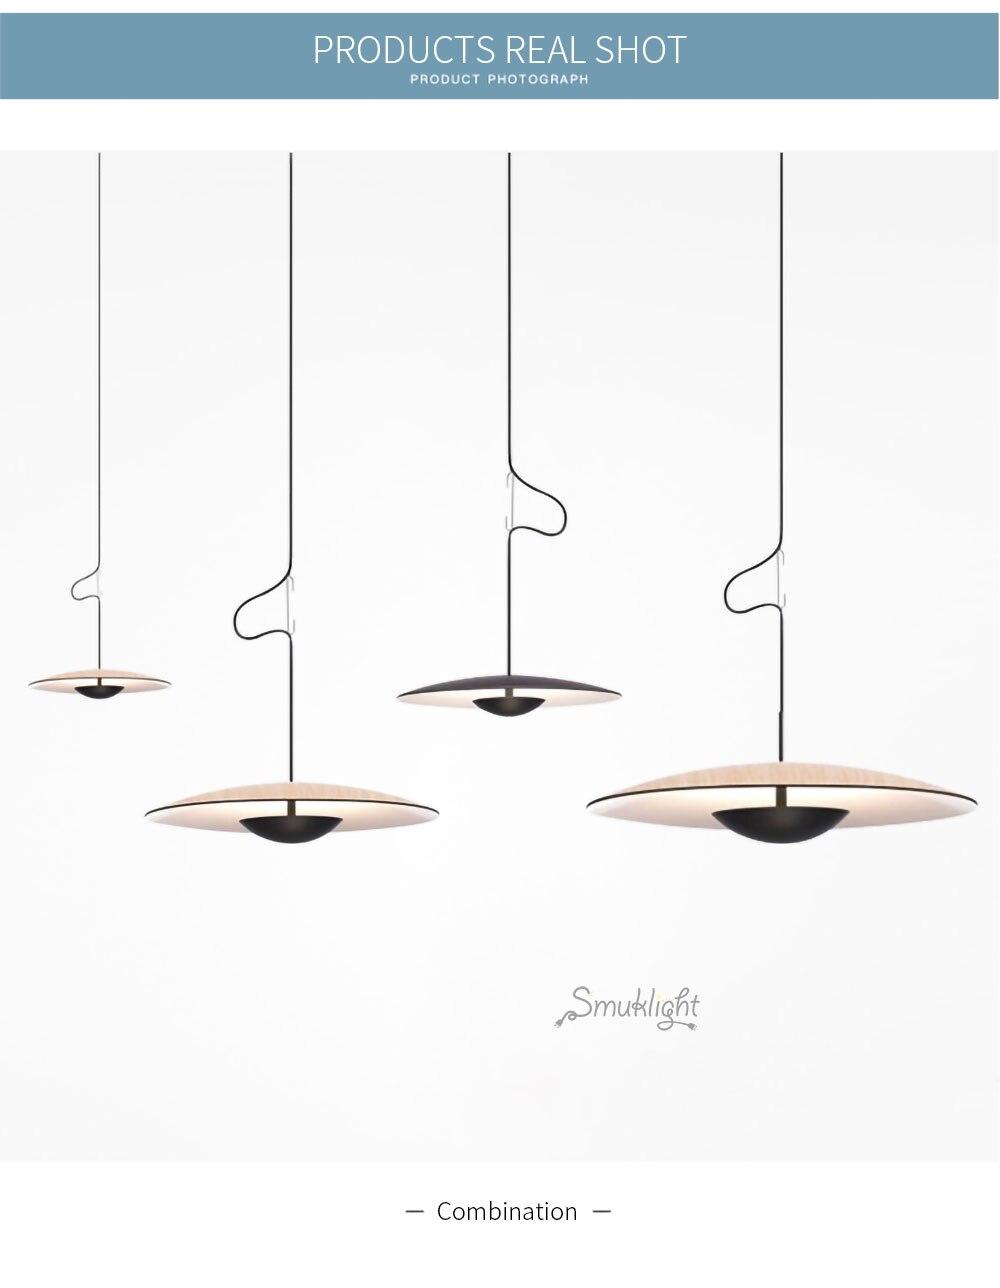 美式简约北欧现代艺术风格意大利设计师客厅餐厅床头吧台卧室吊灯_08